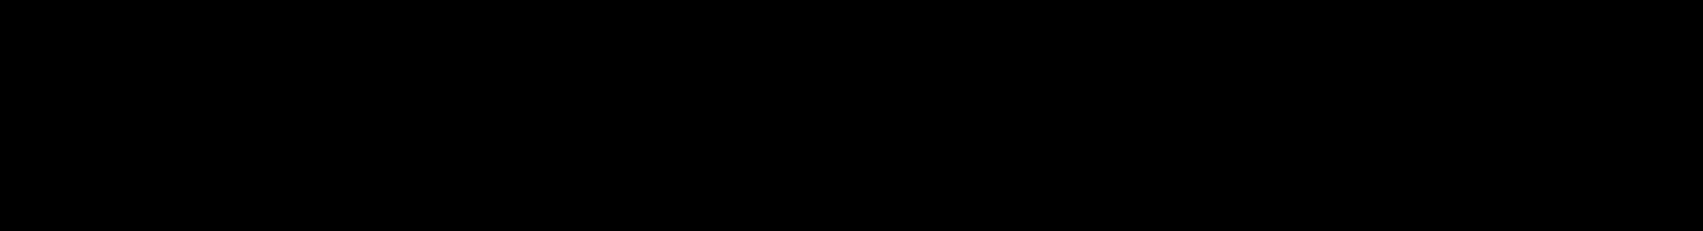 Blue Goblet Drawn Compressed Regular